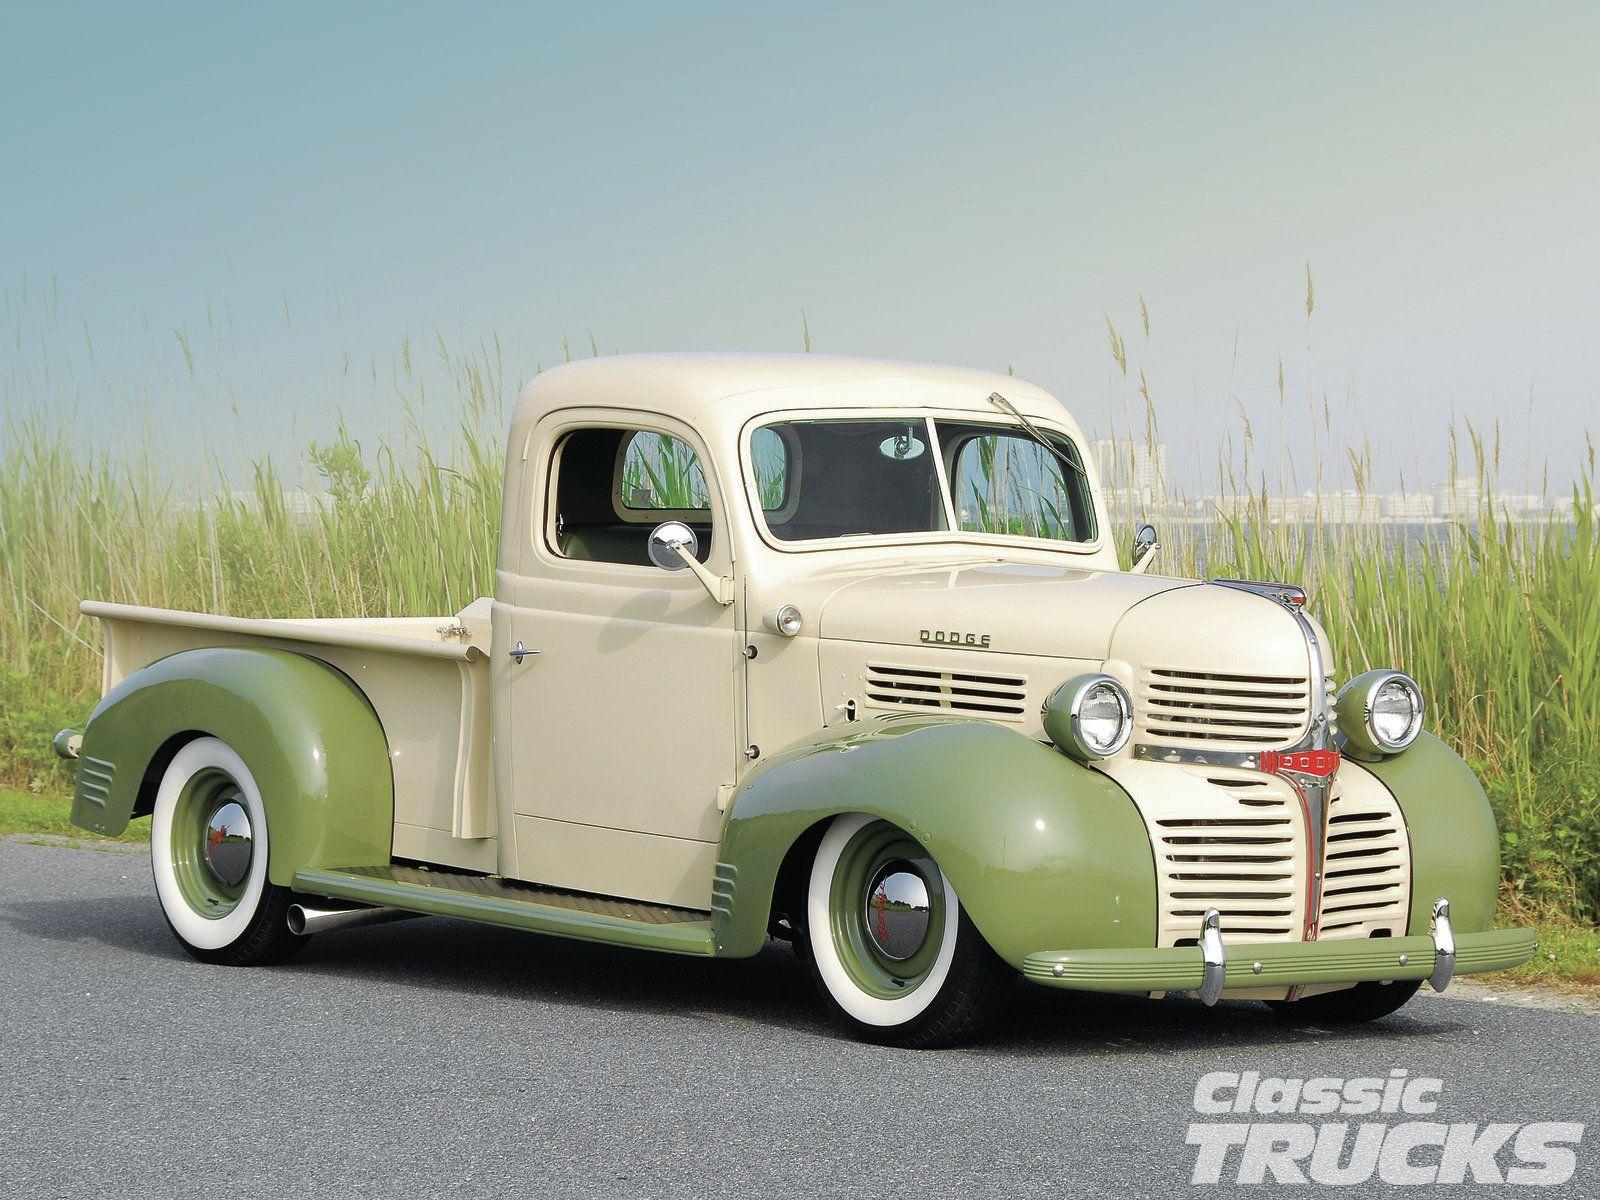 1941 Dodge Truck Desktop Wallpaper 1600x1200 With Images